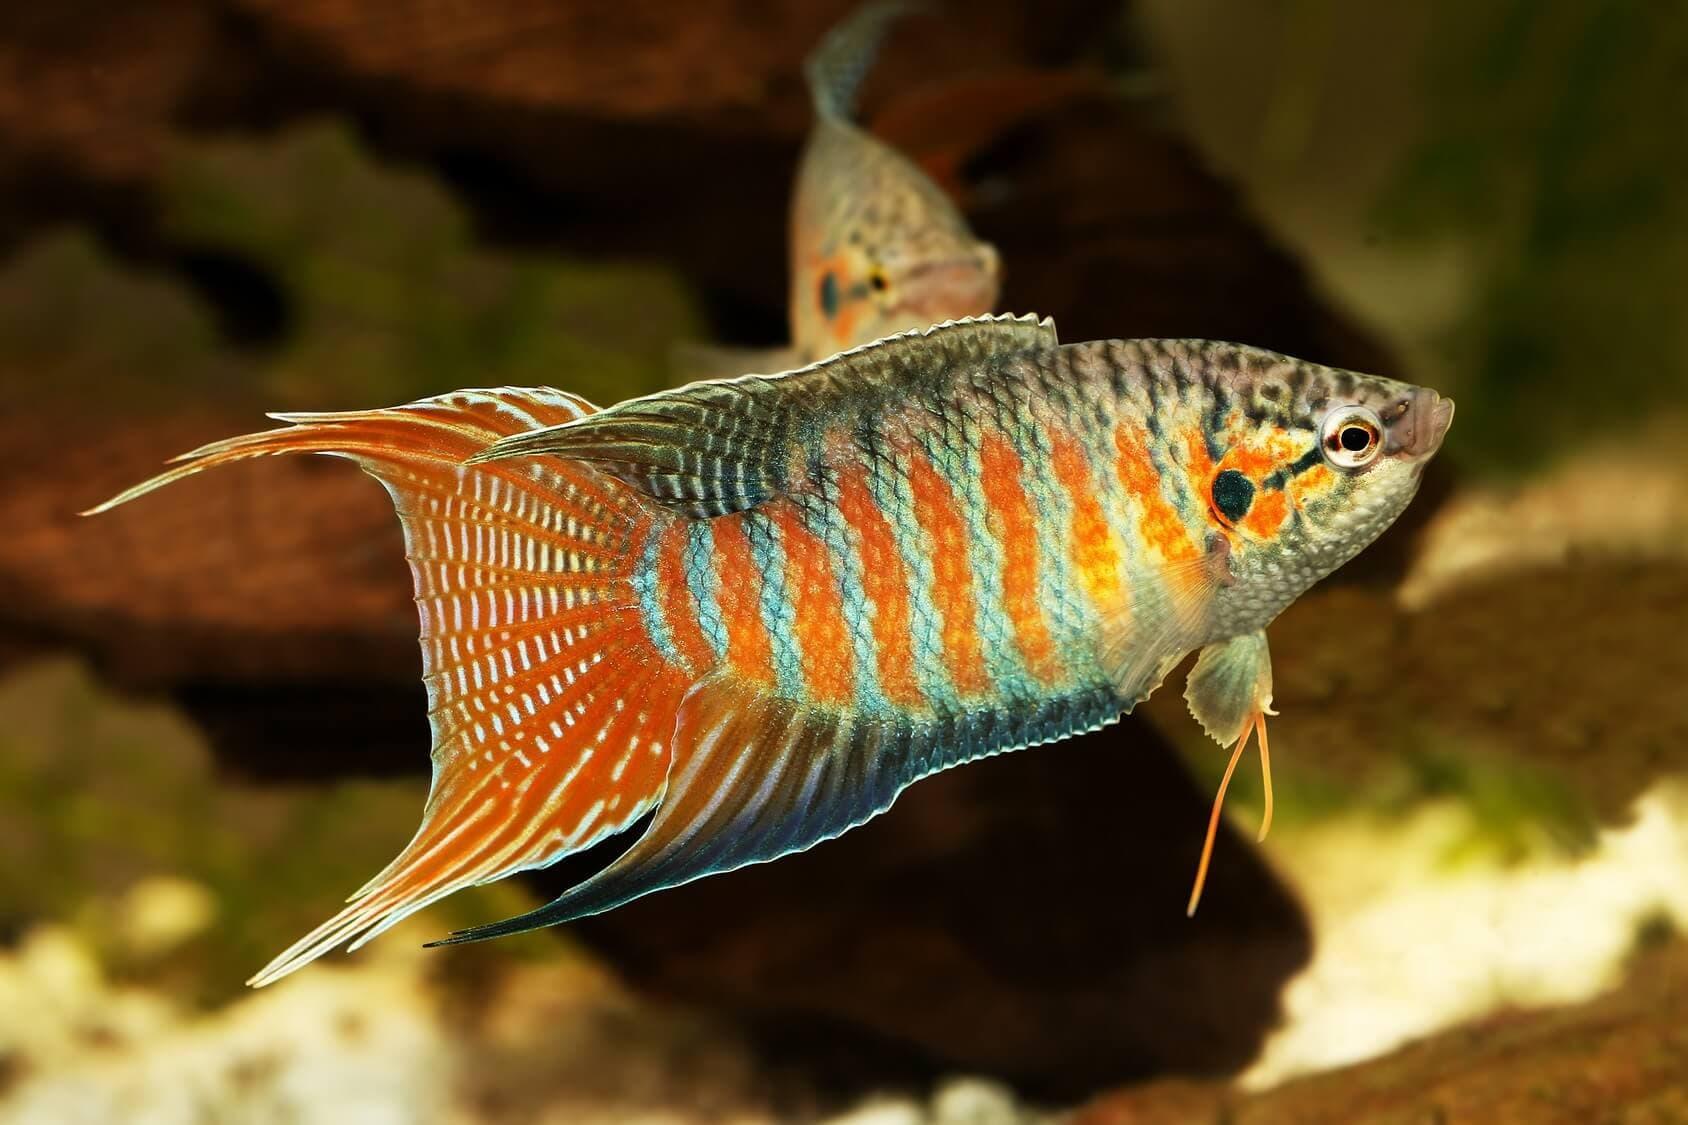 Hình ảnh cá thiên đường, cá đuôi cờ